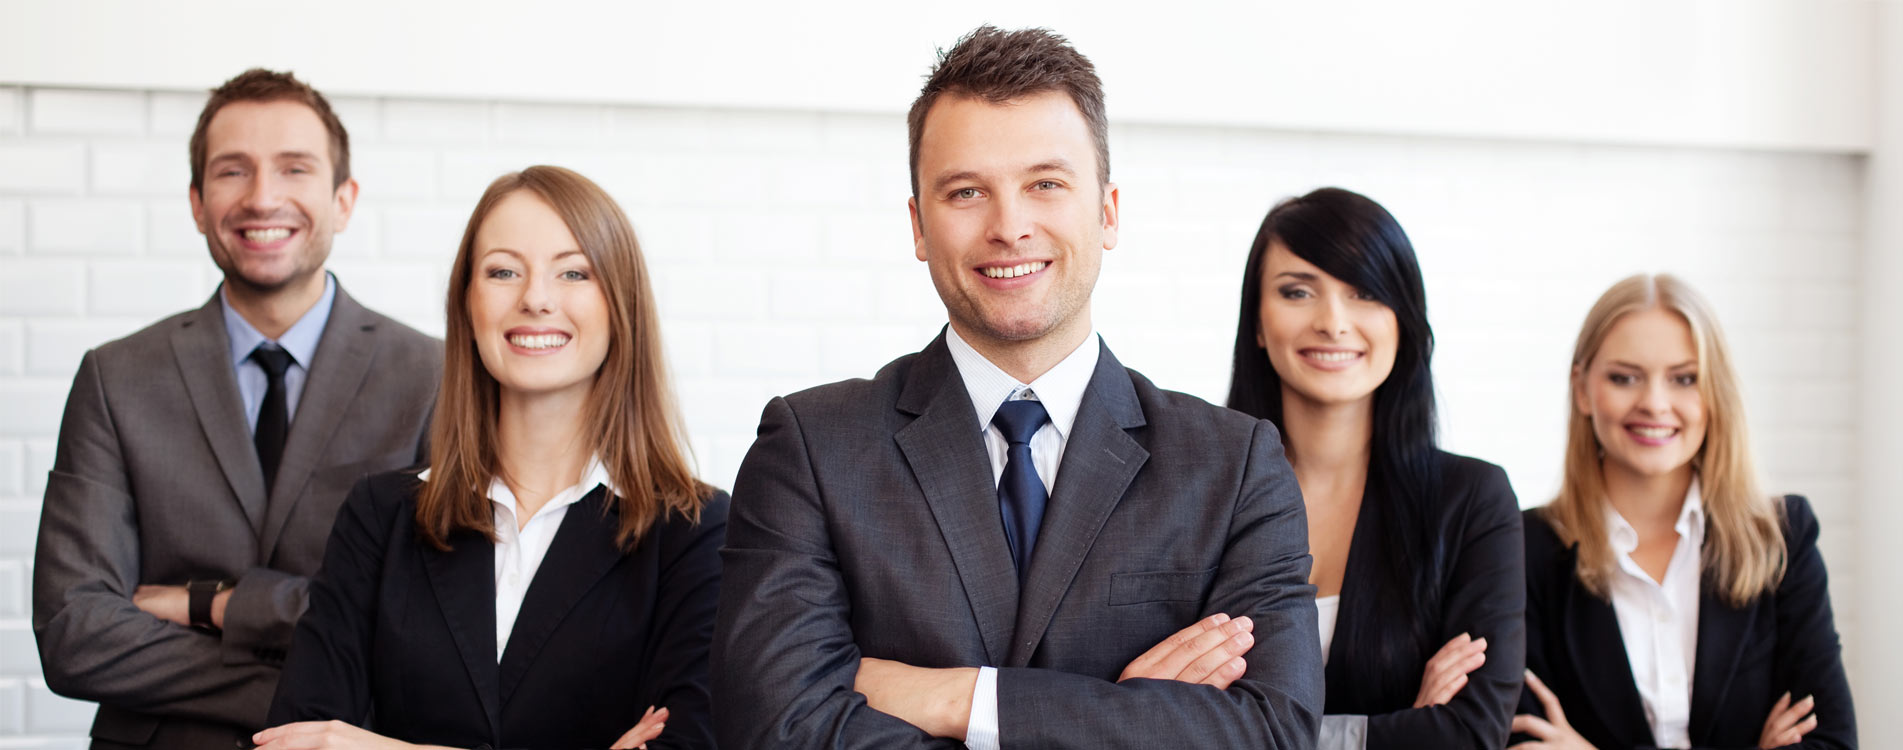 helmut-schoeffling-consulting-startup-analyse-coaching-finanz-und-branchencheck-finance